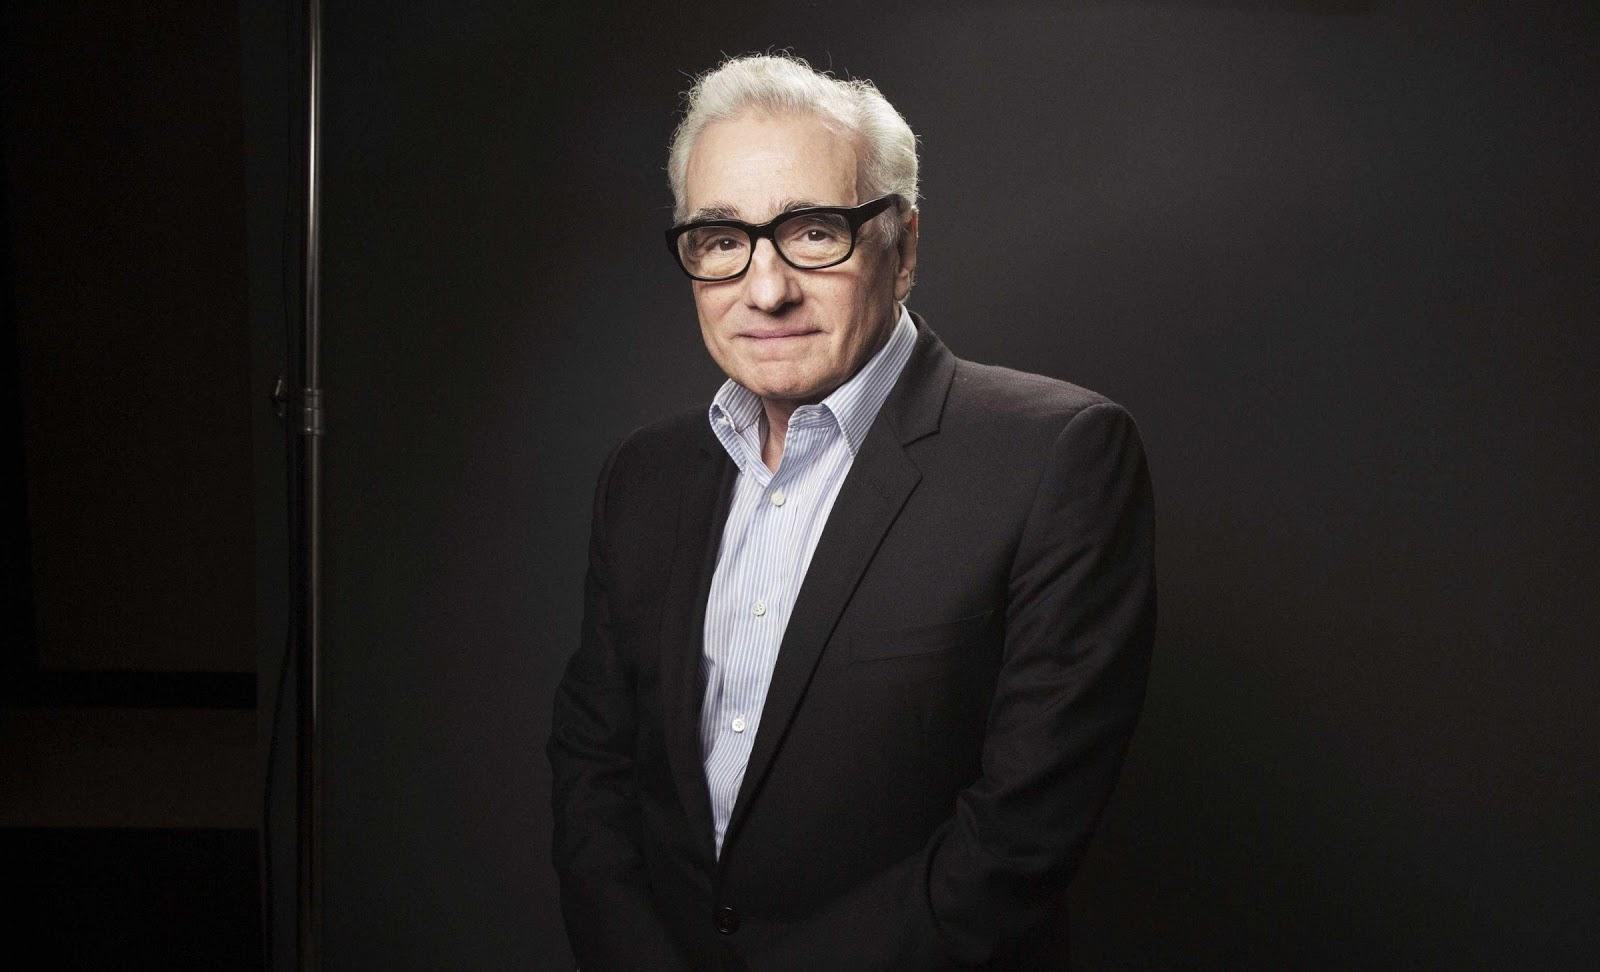 Martin Scorsese (Pllano Geral)